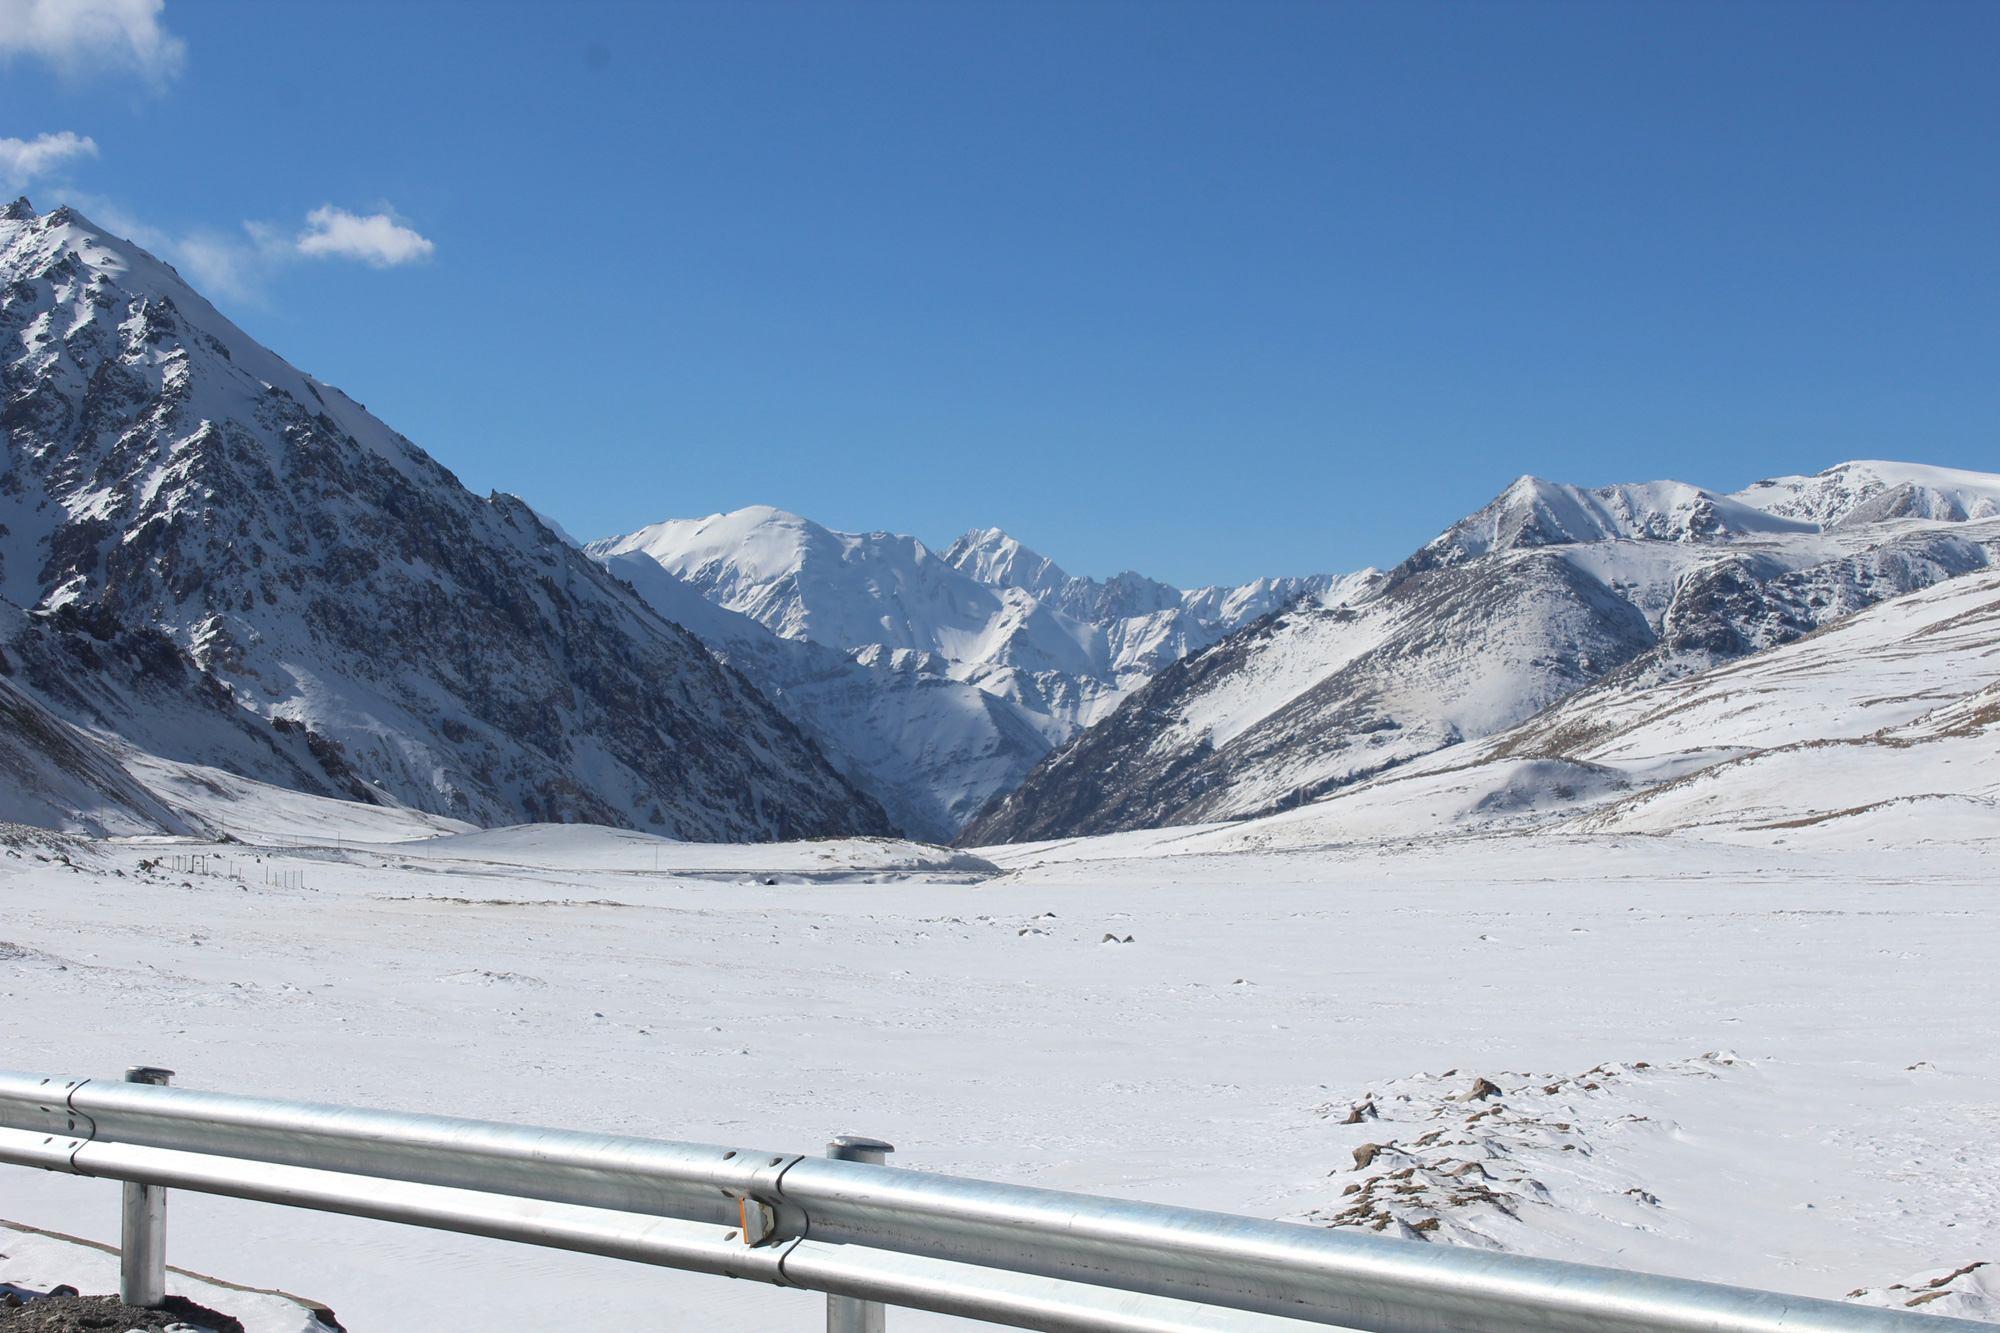 Khunjerab Pass, Pakistan